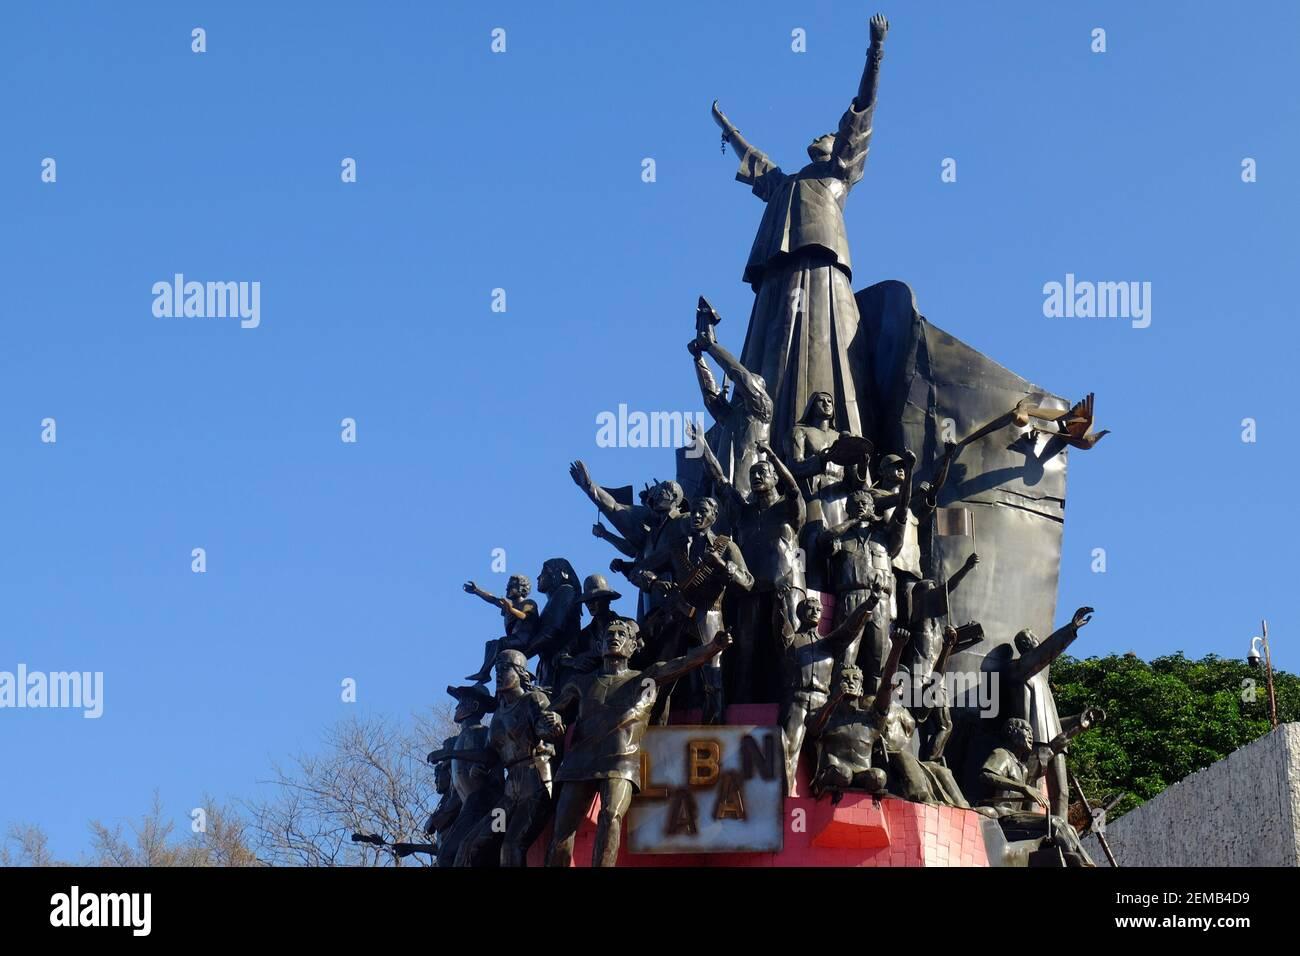 Manila, Filipinas. 25 de febrero de 2021. El Monumento al poder del Pueblo simboliza cómo el pueblo ganó sobre el gobierno dictador del Presidente Marcos el 1986 de febrero pasado. Hoy es el 35º aniversario de la revolución EDSA con su tema de 'EDSA 2021: Kapayapaan, Paghilom, Pagbangon (Paz, Sanación, recuperación), Reflexionar sobre los esfuerzos nacionales frente a la pandemia del COVID-19. Crédito: Mayoría Mundial CIC/Alamy Live News Foto de stock